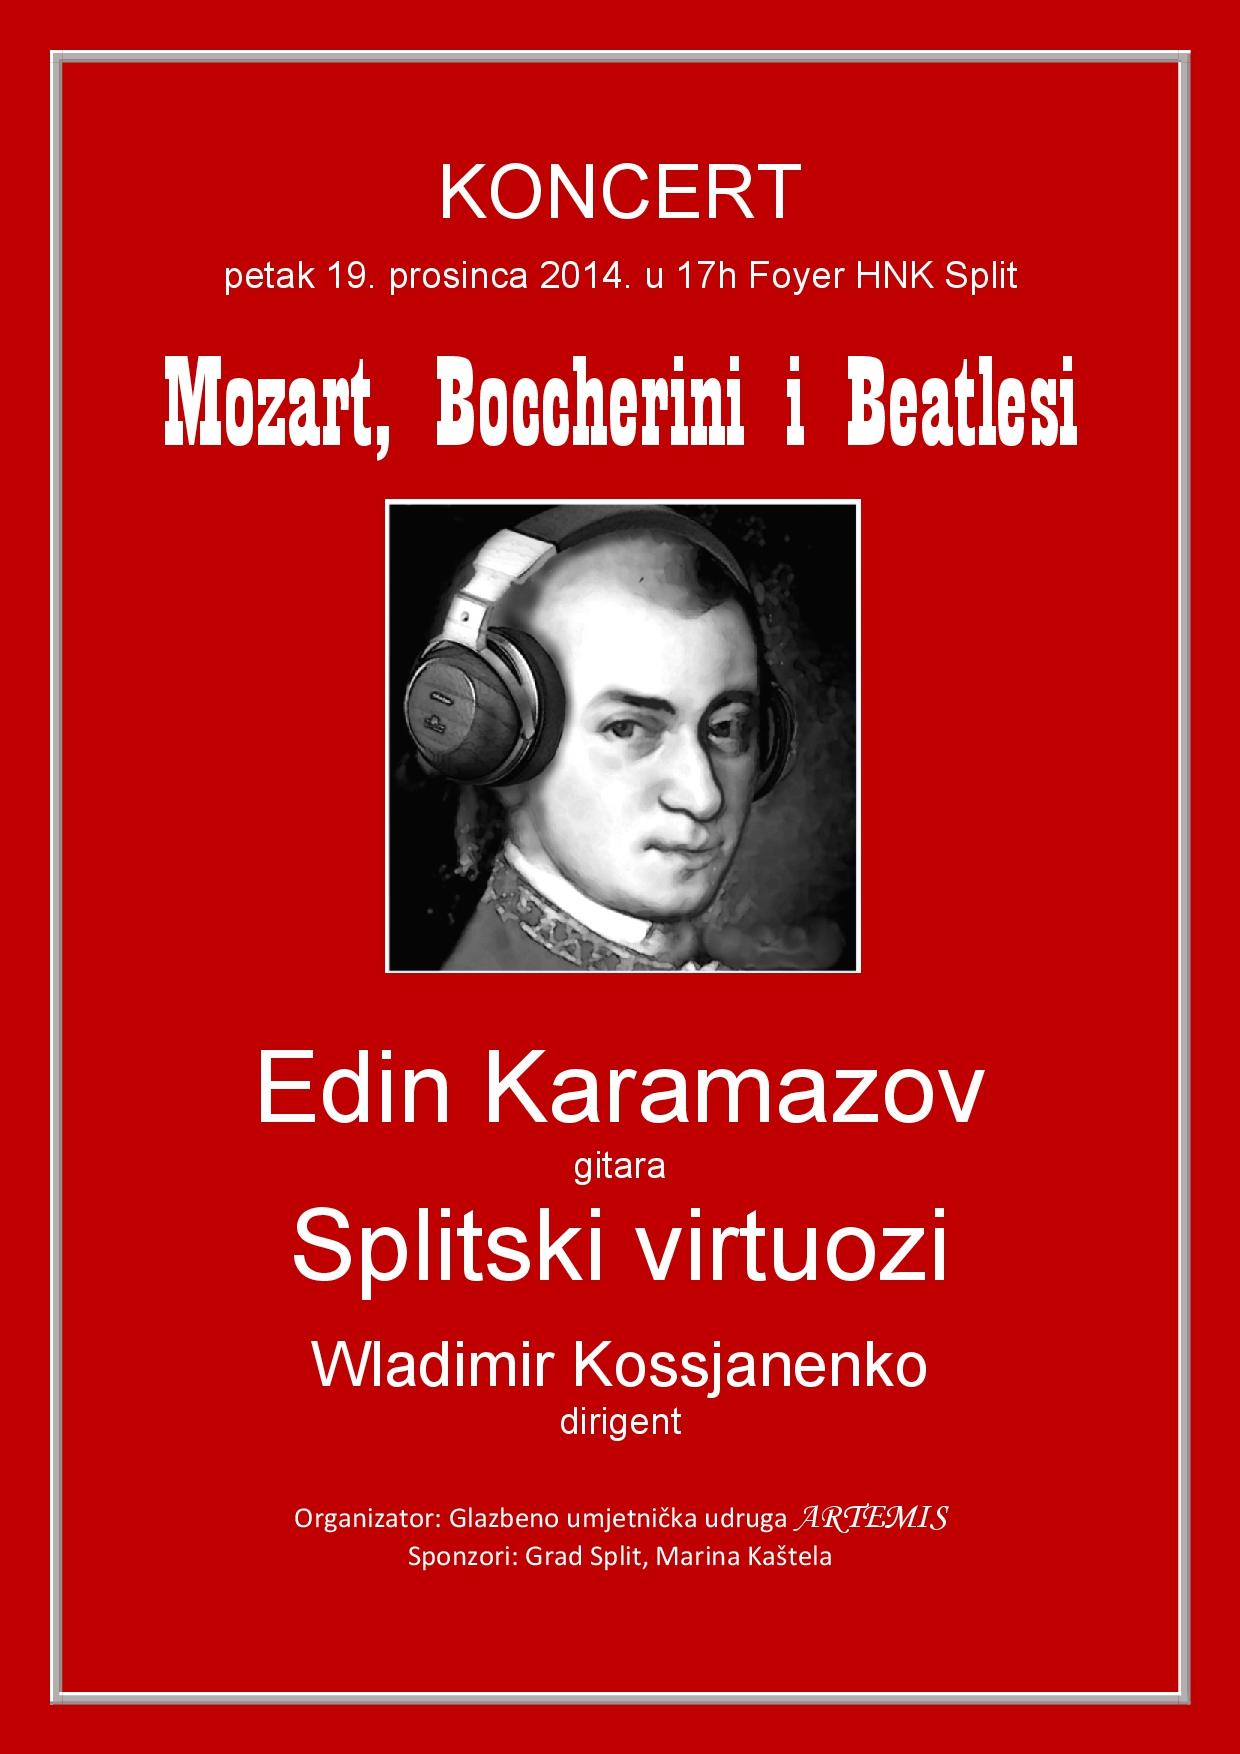 PlakatMozart&Beatles